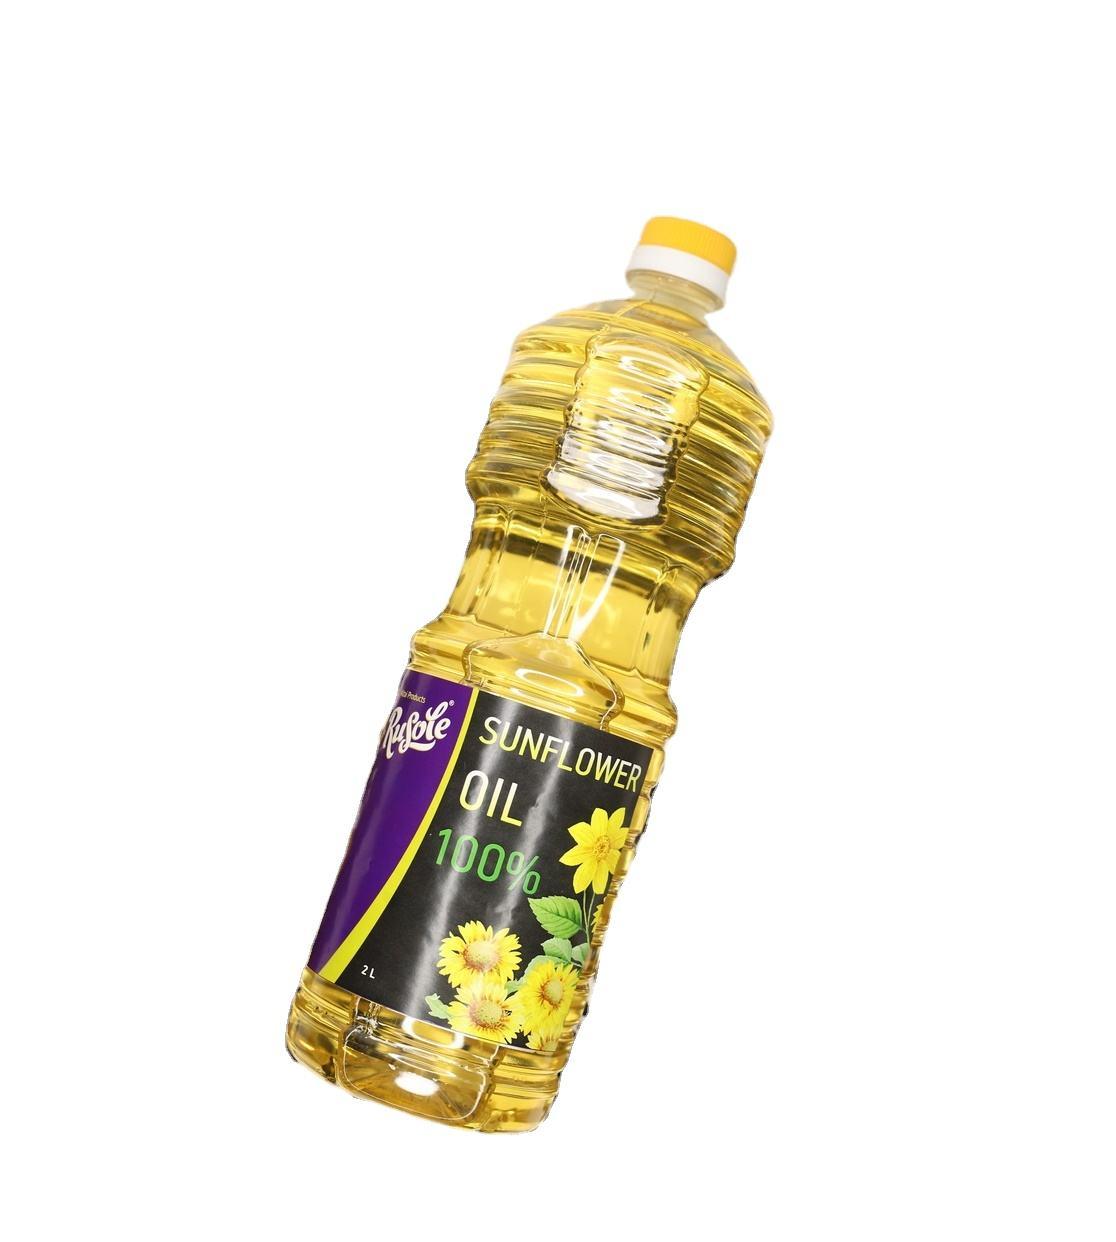 Refined Sunflower Oil For Sale / Best Sun Flower Oil 100% Refined Sunflower Cooking Oil Ukraine